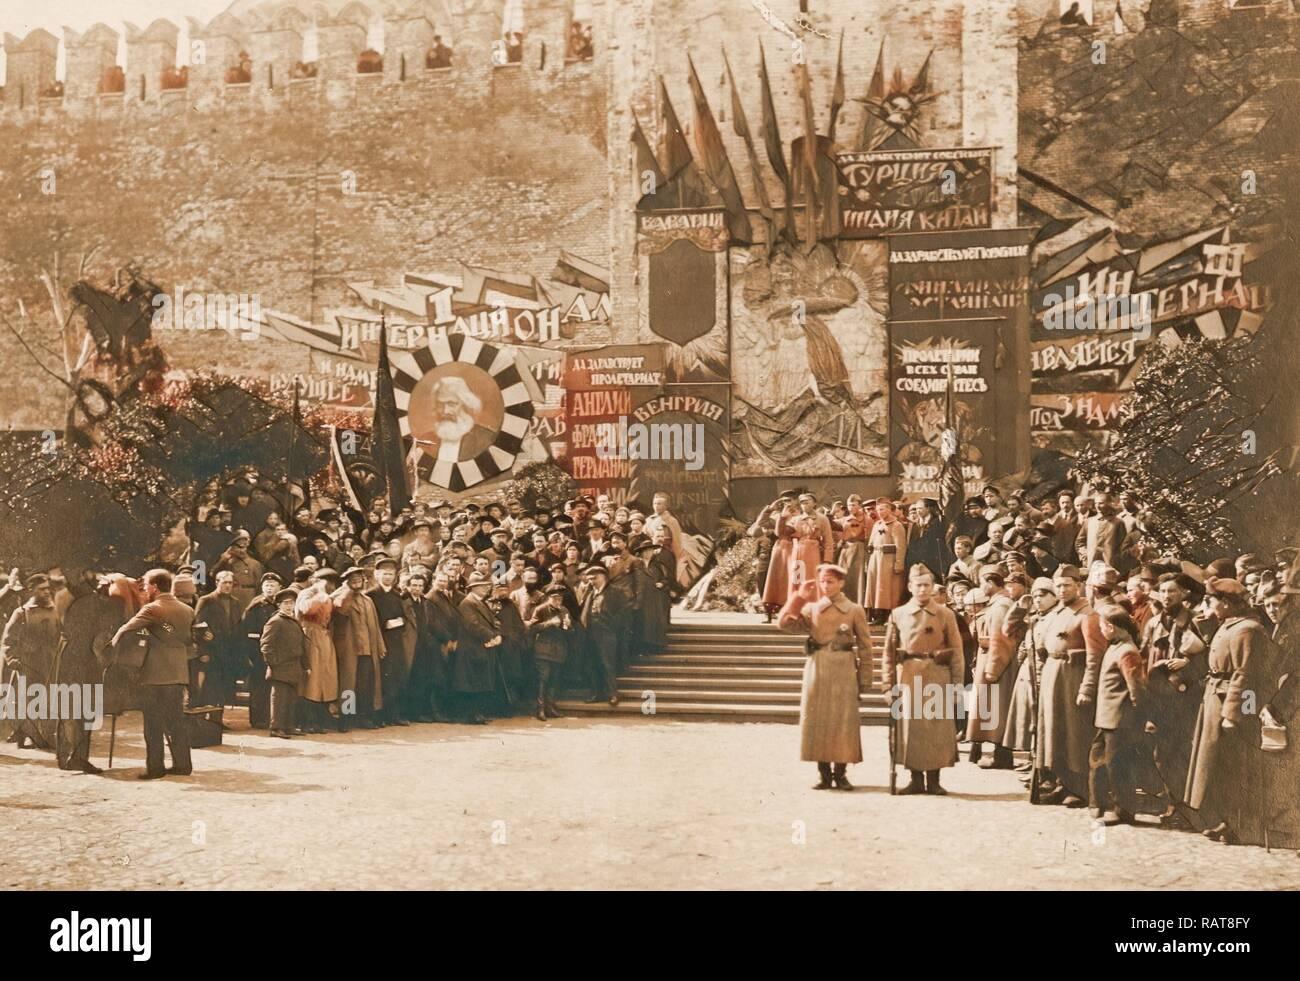 Lénine avec des camarades à un premier mai sur la Place Rouge, mai 1919, Moscou La Russie, l'histoire de la révolution russe repensé Photo Stock